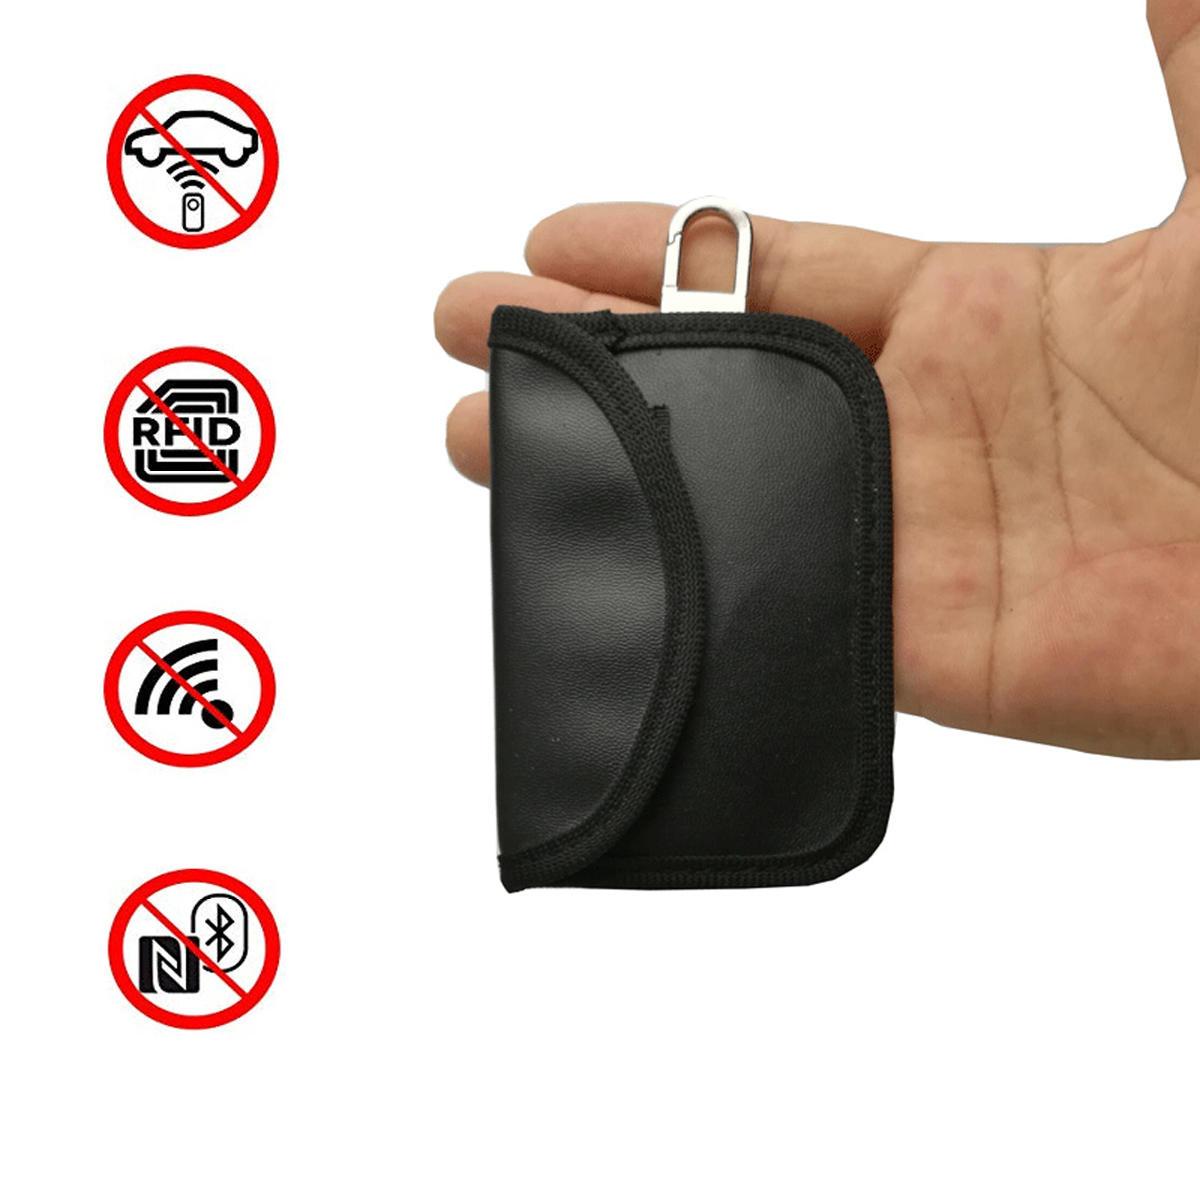 कार की सिग्नल सिग्नल ब्लॉकर केस फैराडे केज फोब पाउच कीलेस पु चमड़े का बैग 10.5 X 6.5CM